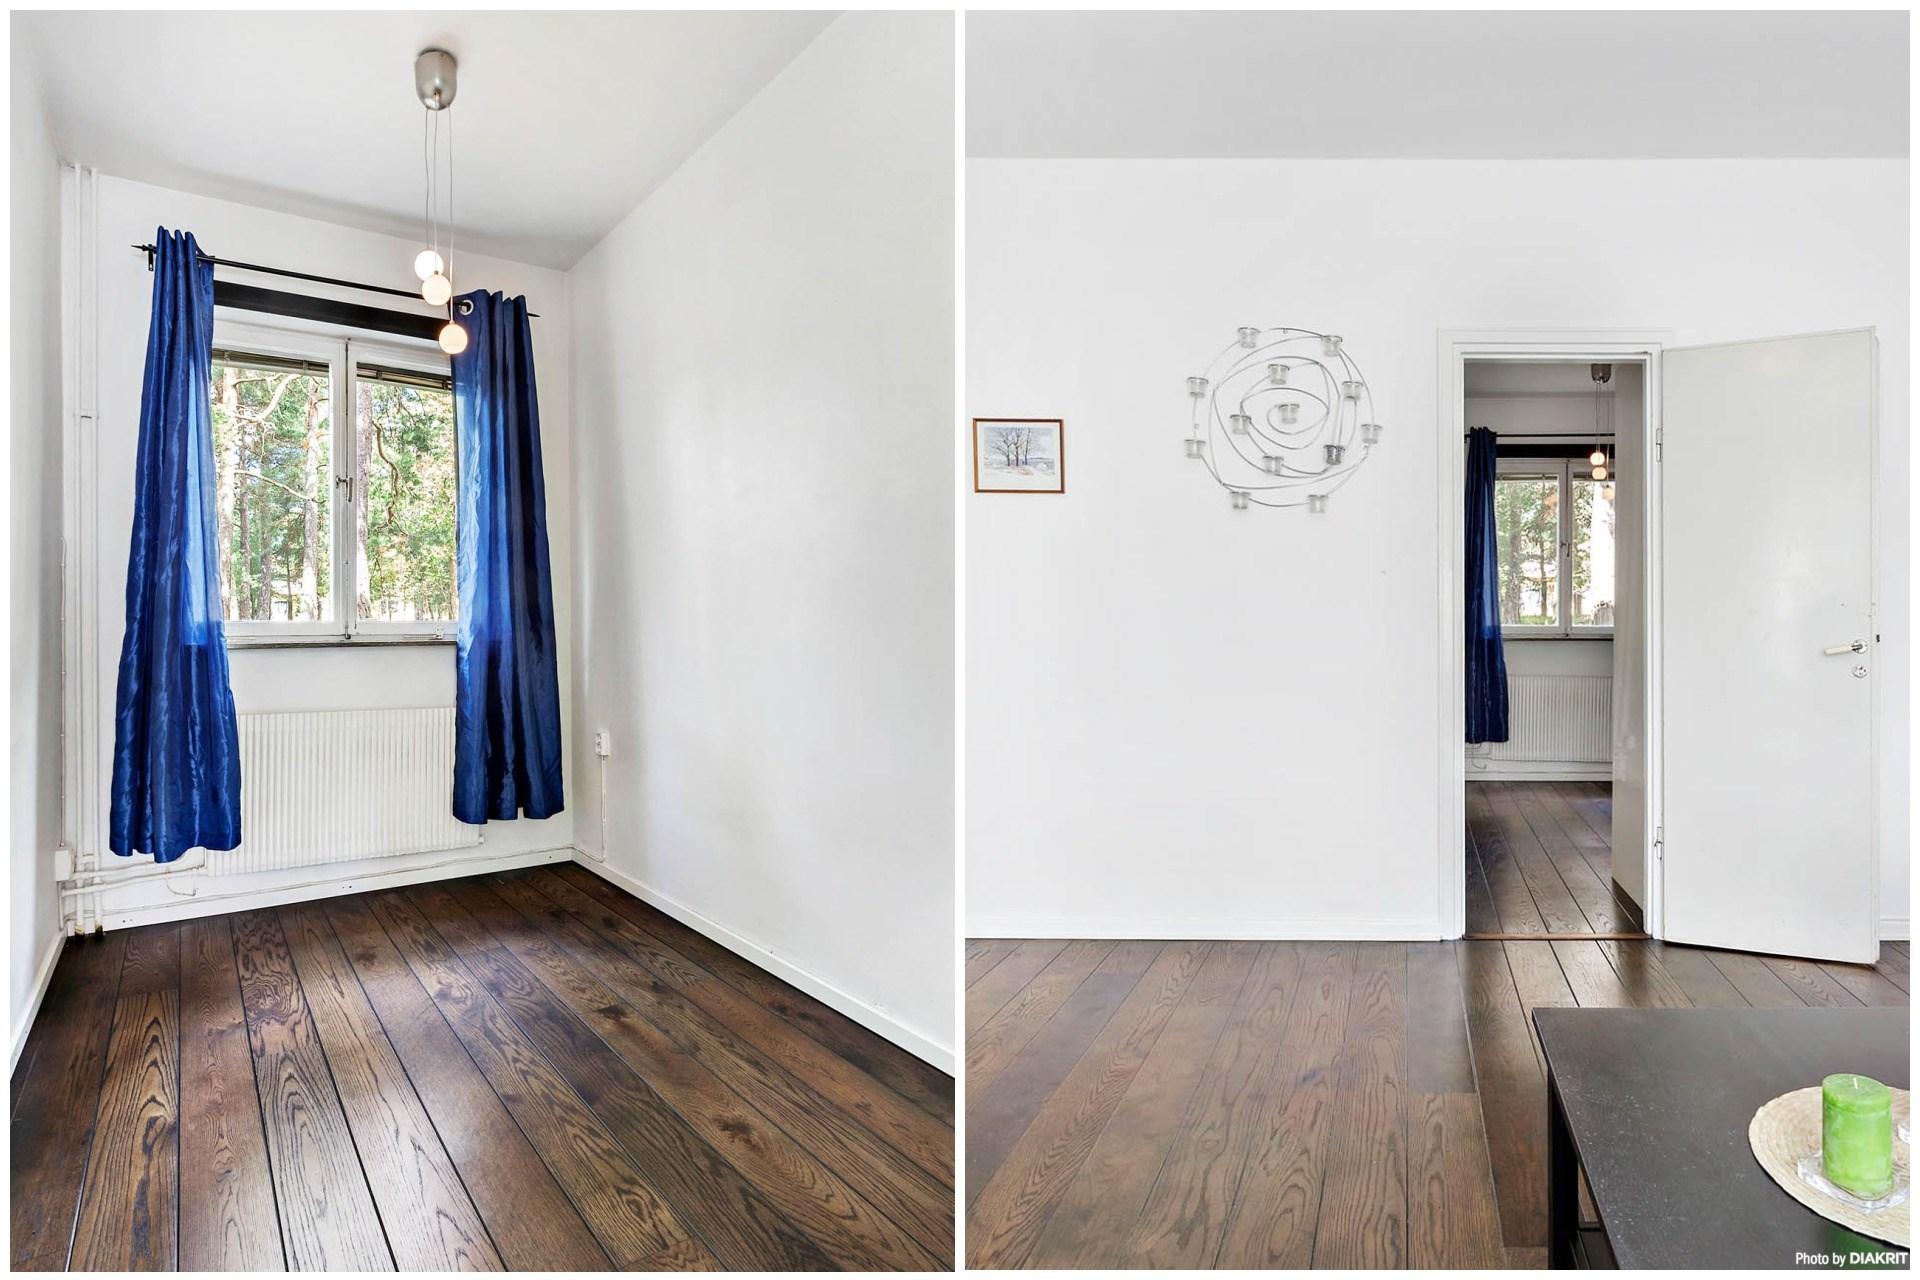 Sovrum med plats för 160 cm säng med nattduksbord, möjlighet att sätta in garderob.